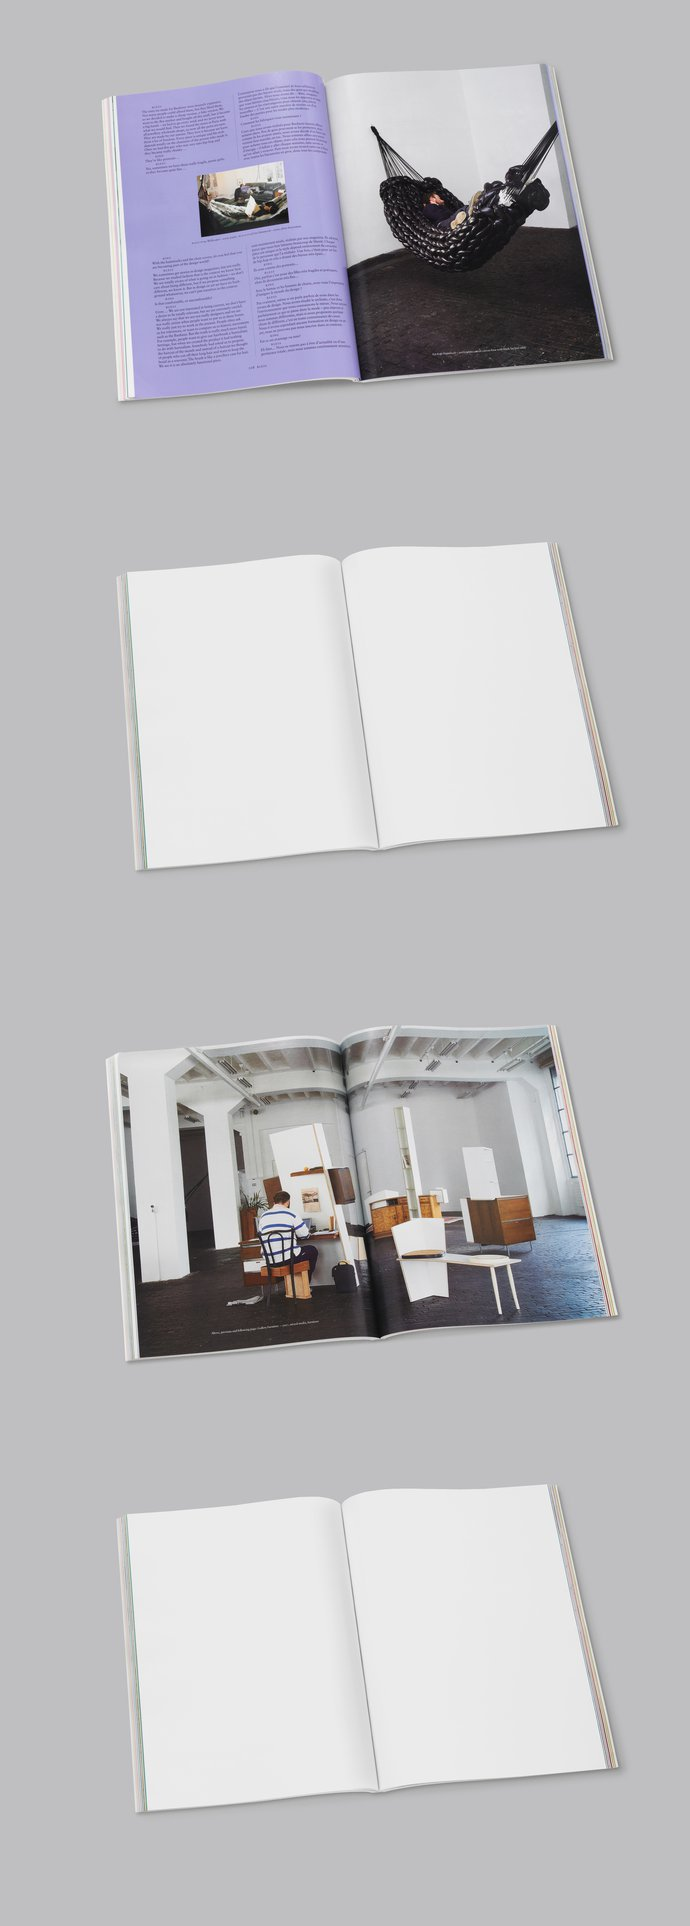 Centre d'Art Contemporain, Geneva – Wouldn't it be nice…, 2008 (Publication), image 5